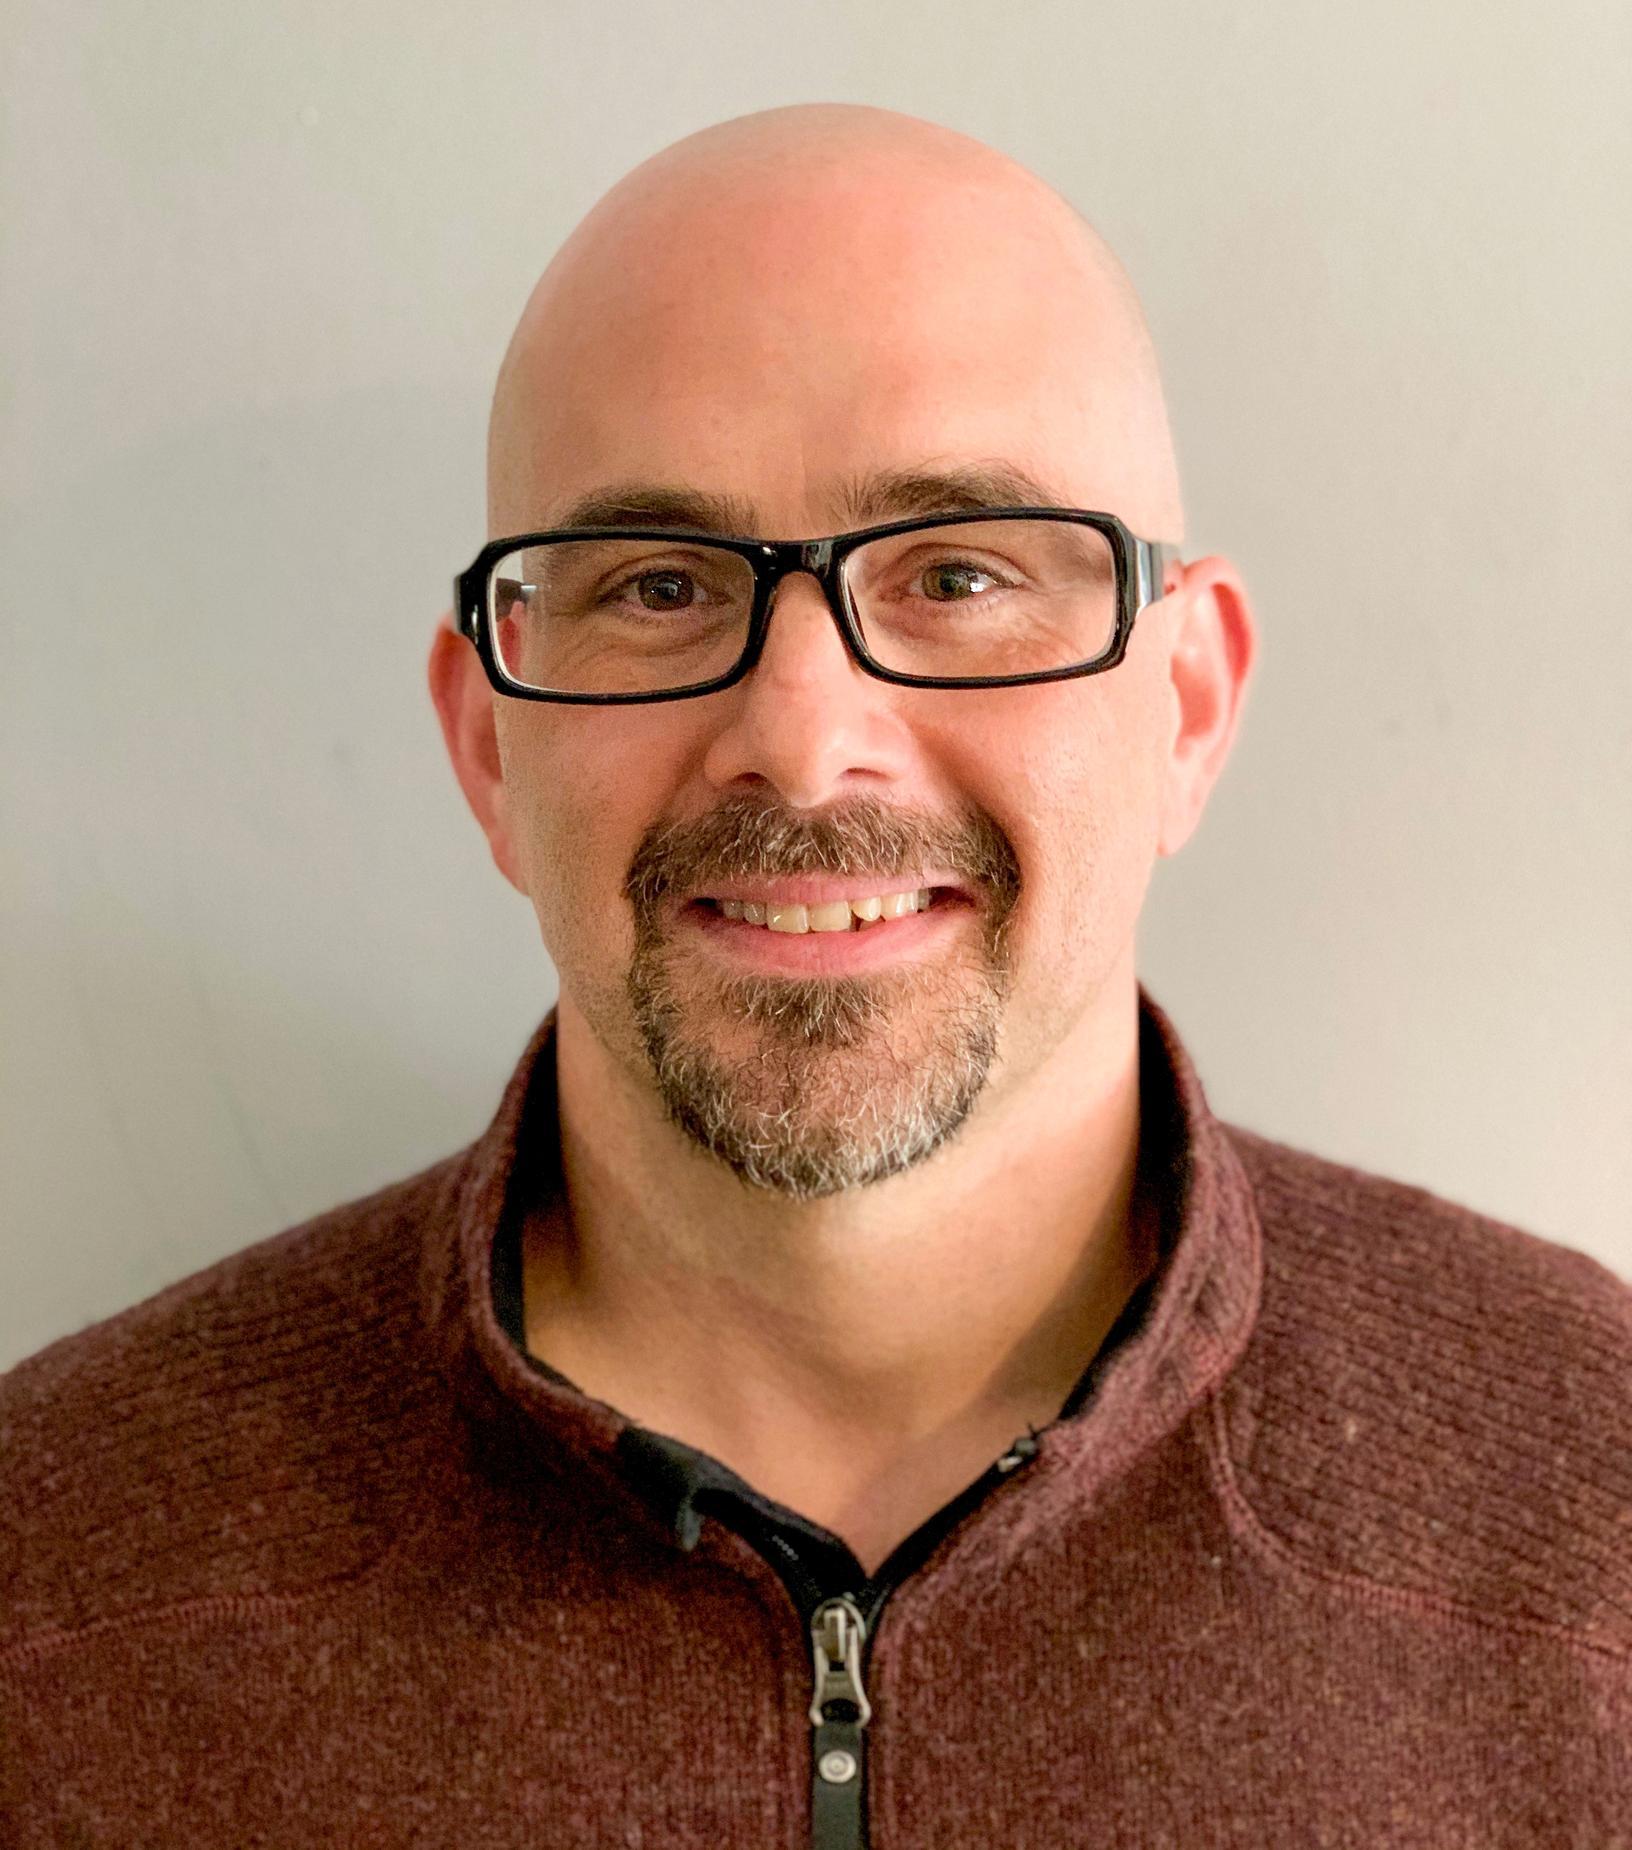 Owner Michael Dittmann